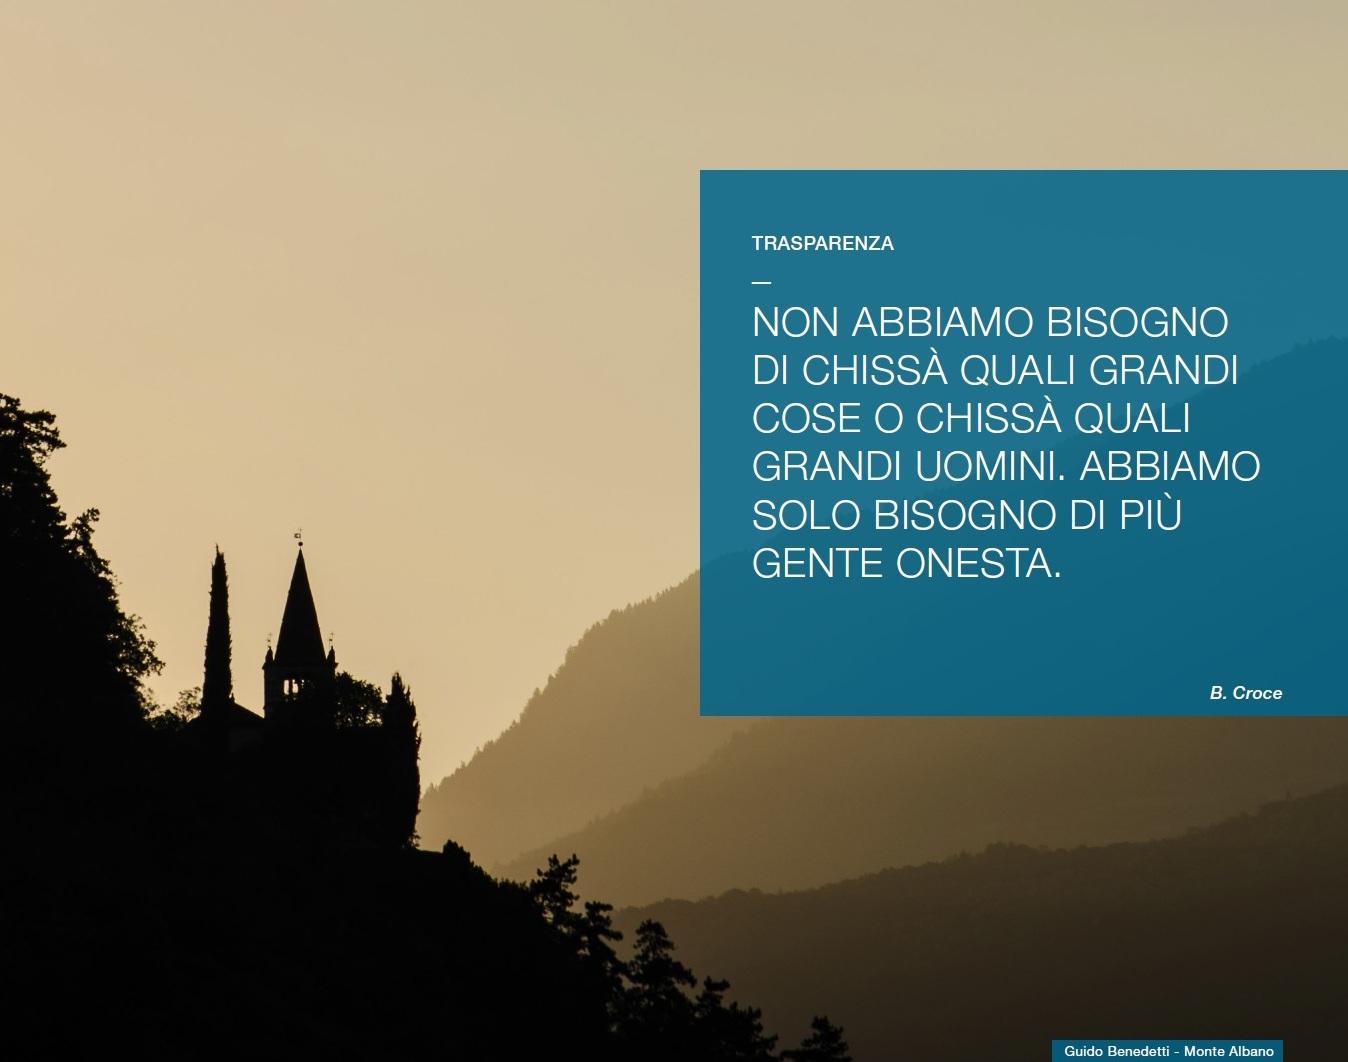 Un mio piccolo contributo al Calendario 2015 della Cassa Rurale di Mori Brentonico Val di Gresta